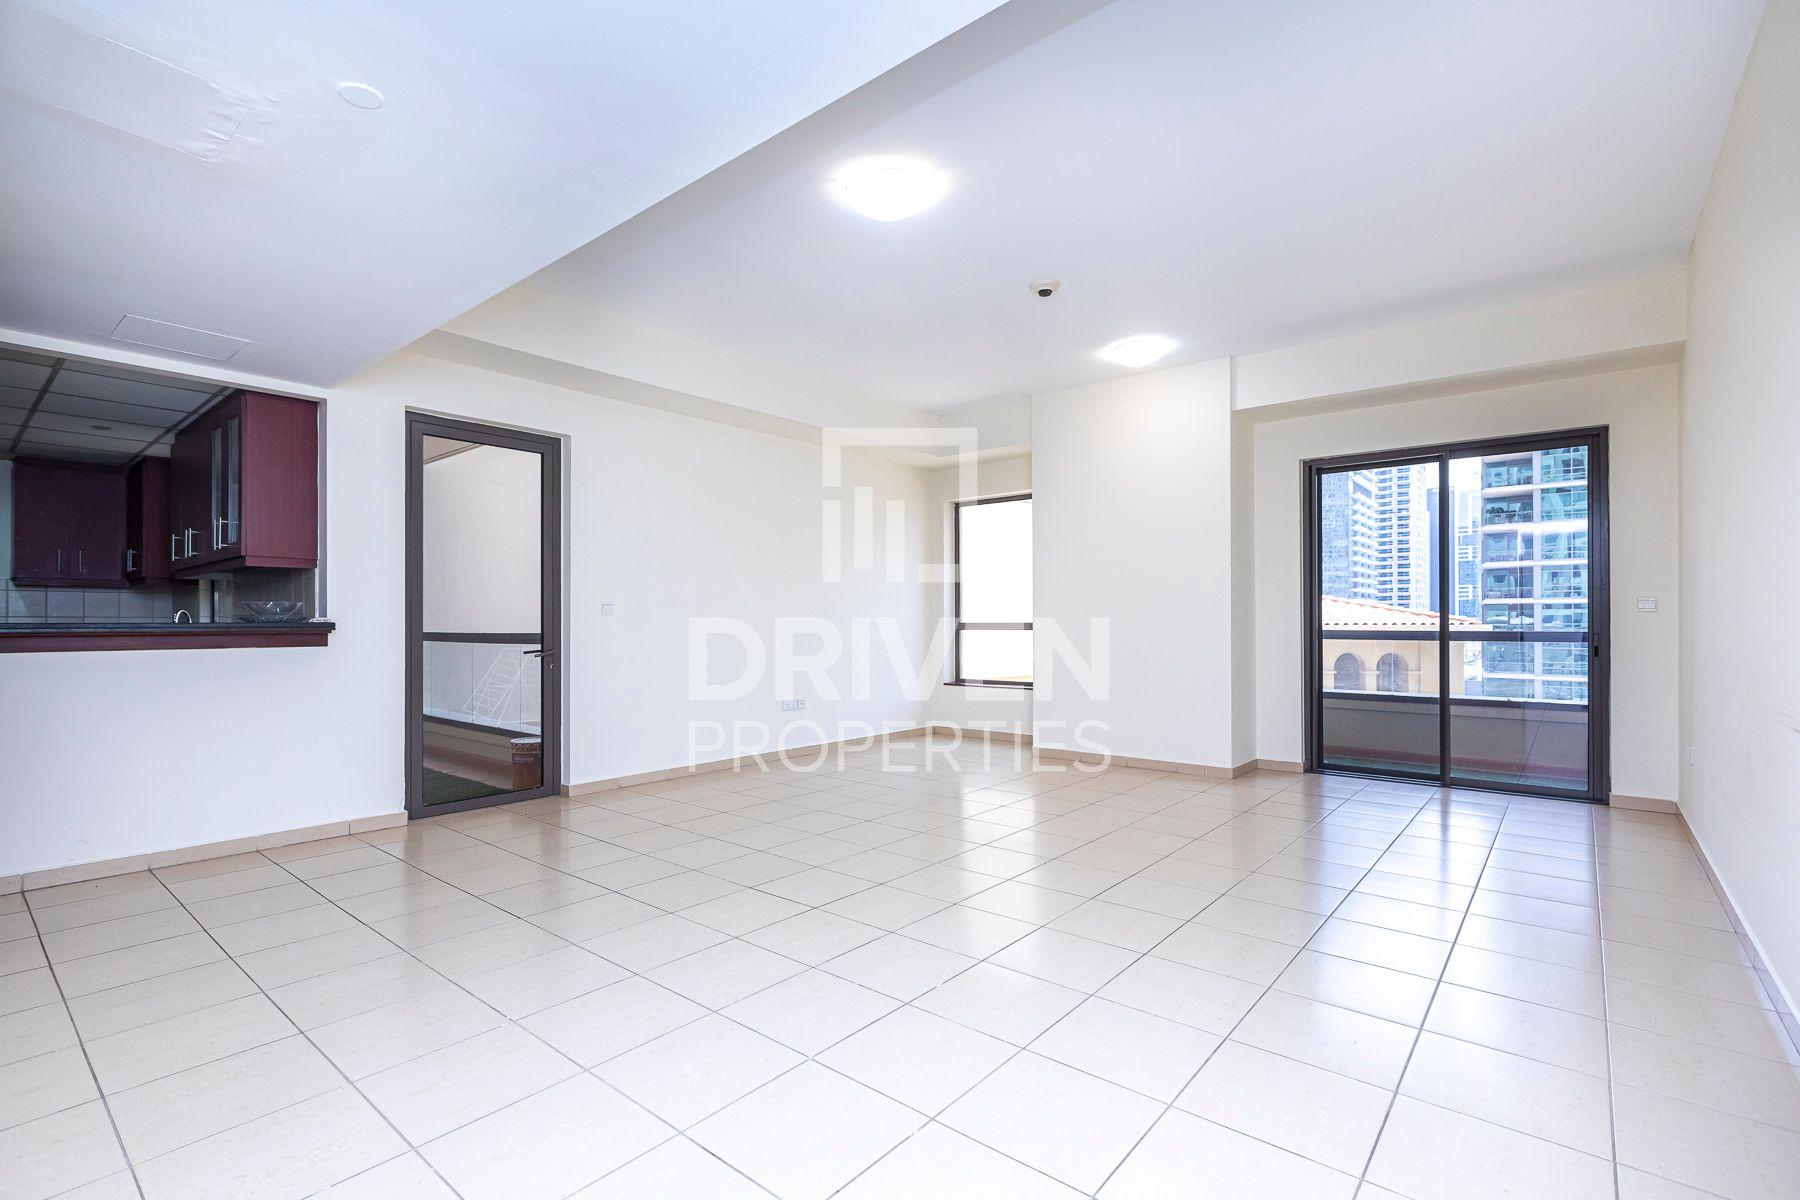 1,105 قدم مربع  شقة - للبيع - مساكن شاطئ الجميرا